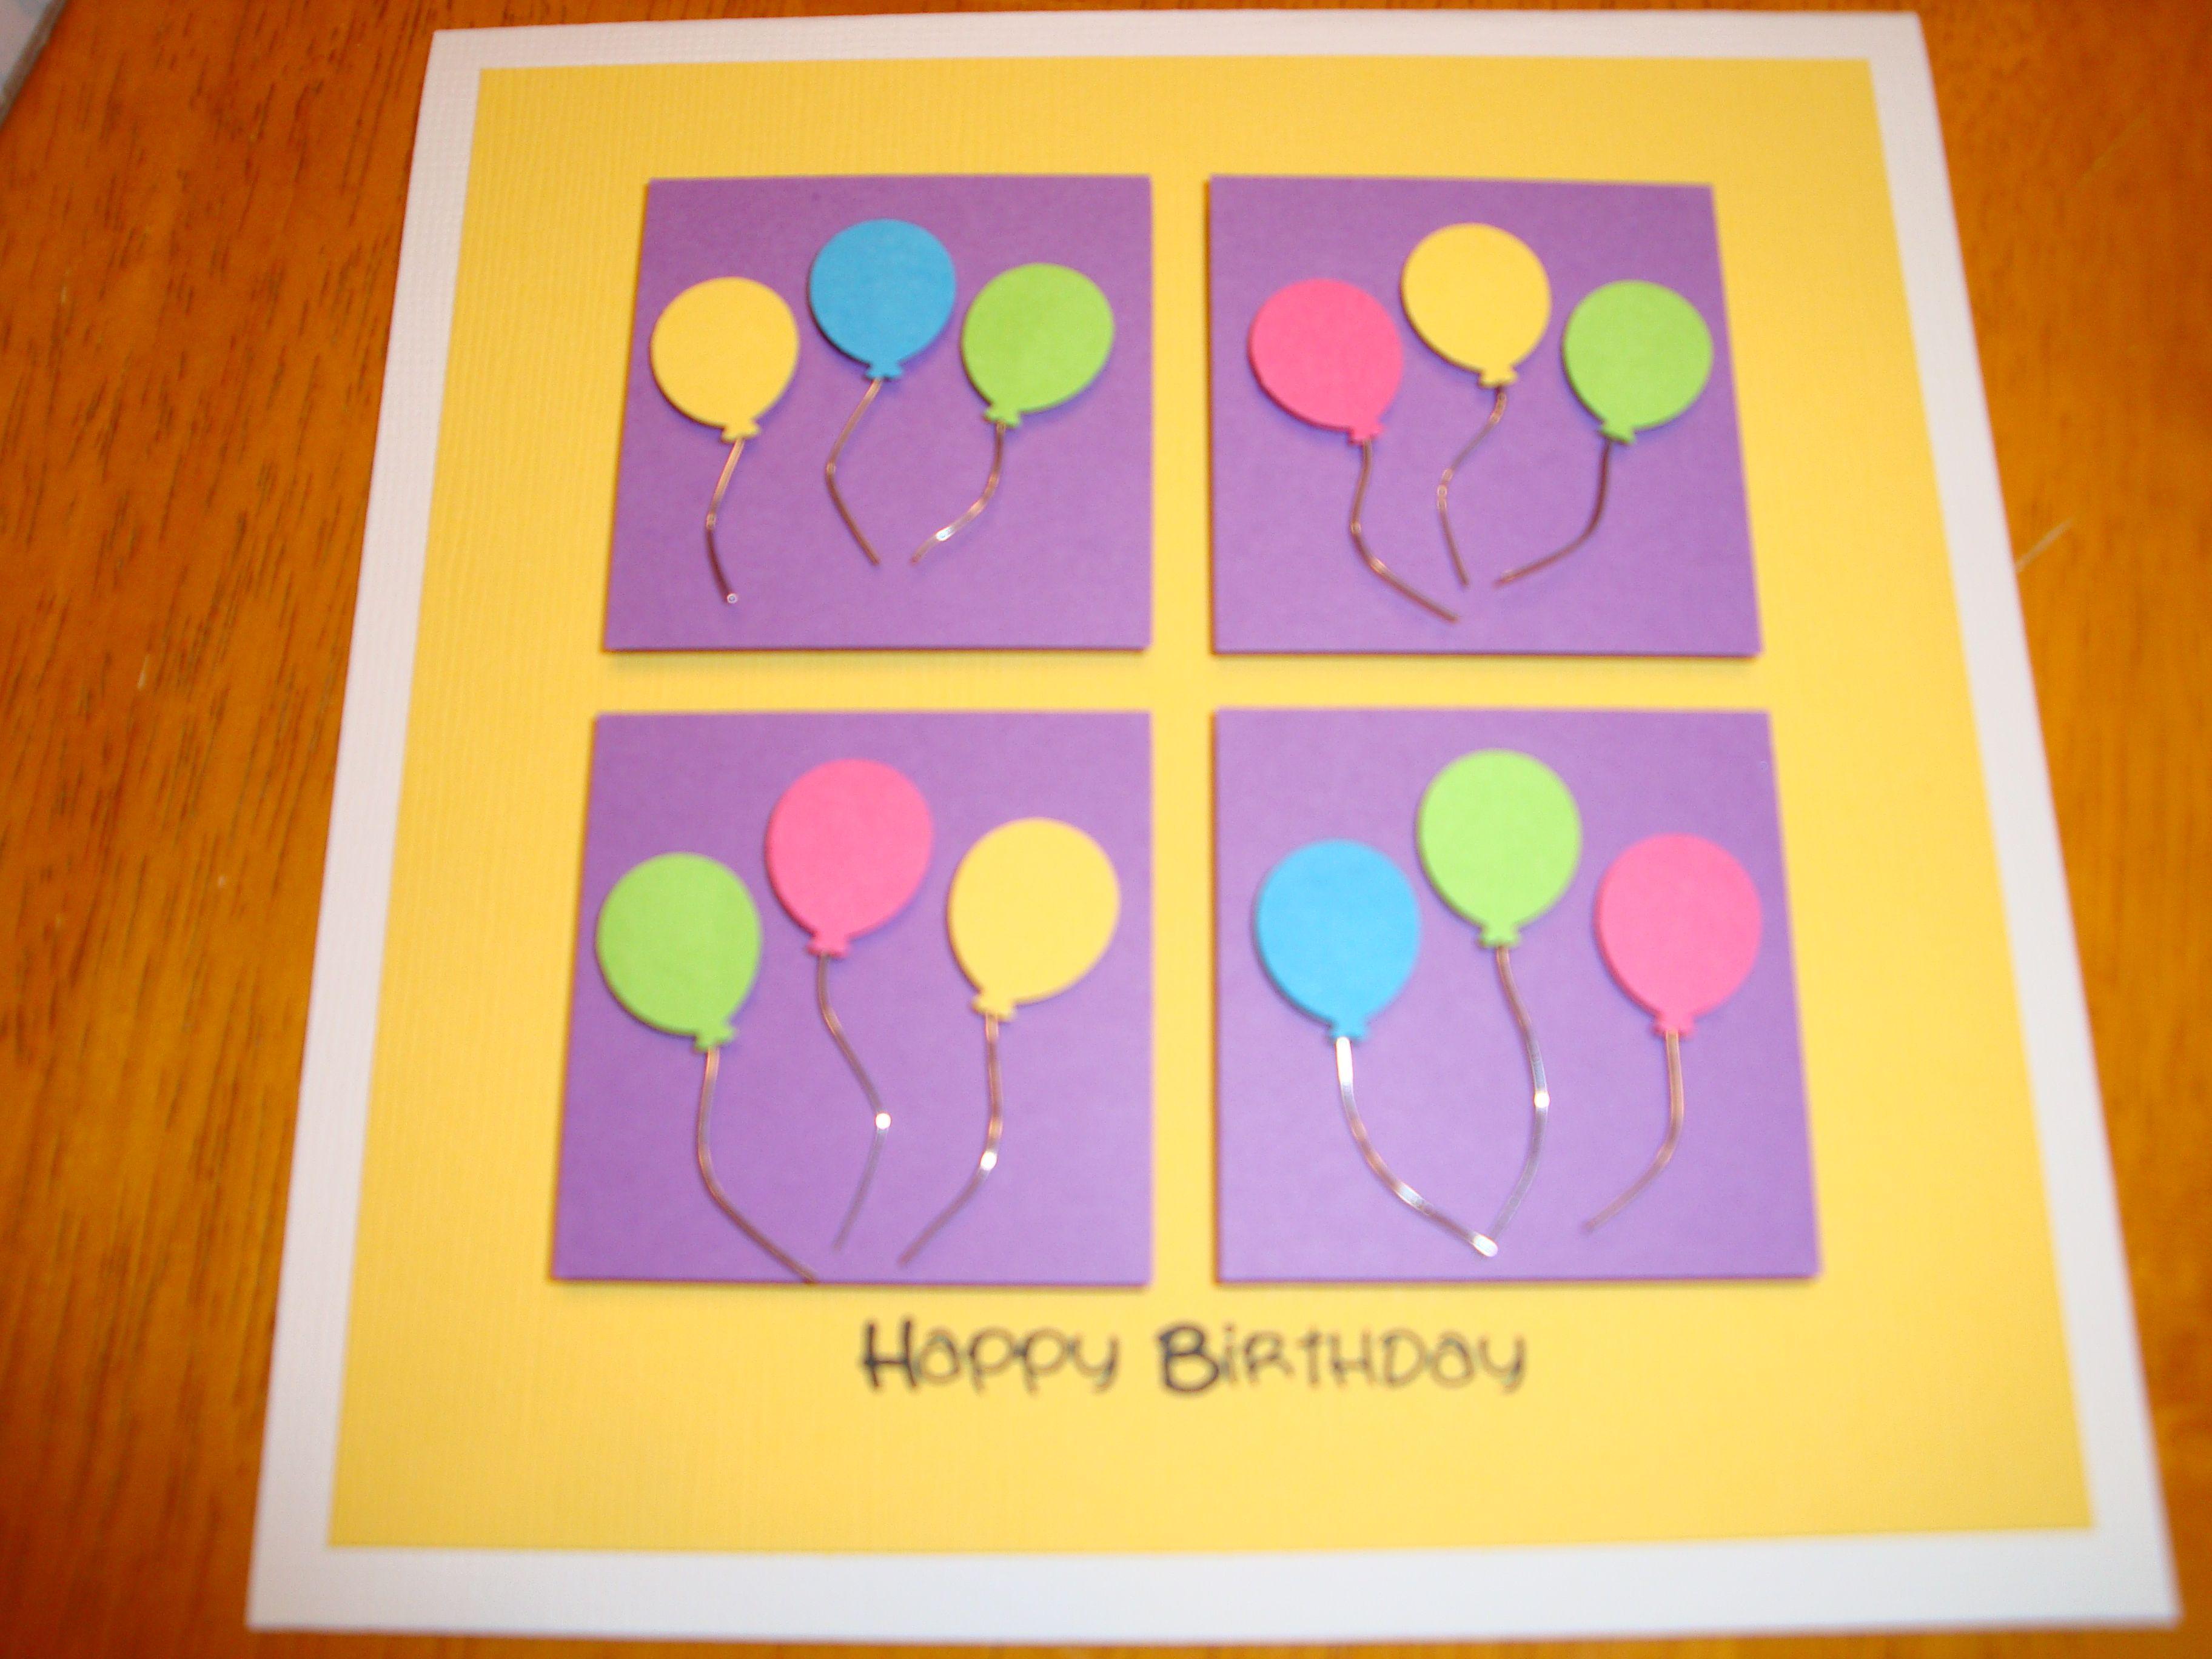 Easy Handmade Birthday Card Card Ideas Pinterest Handmade Birthday Cards Cards And Card Ideas